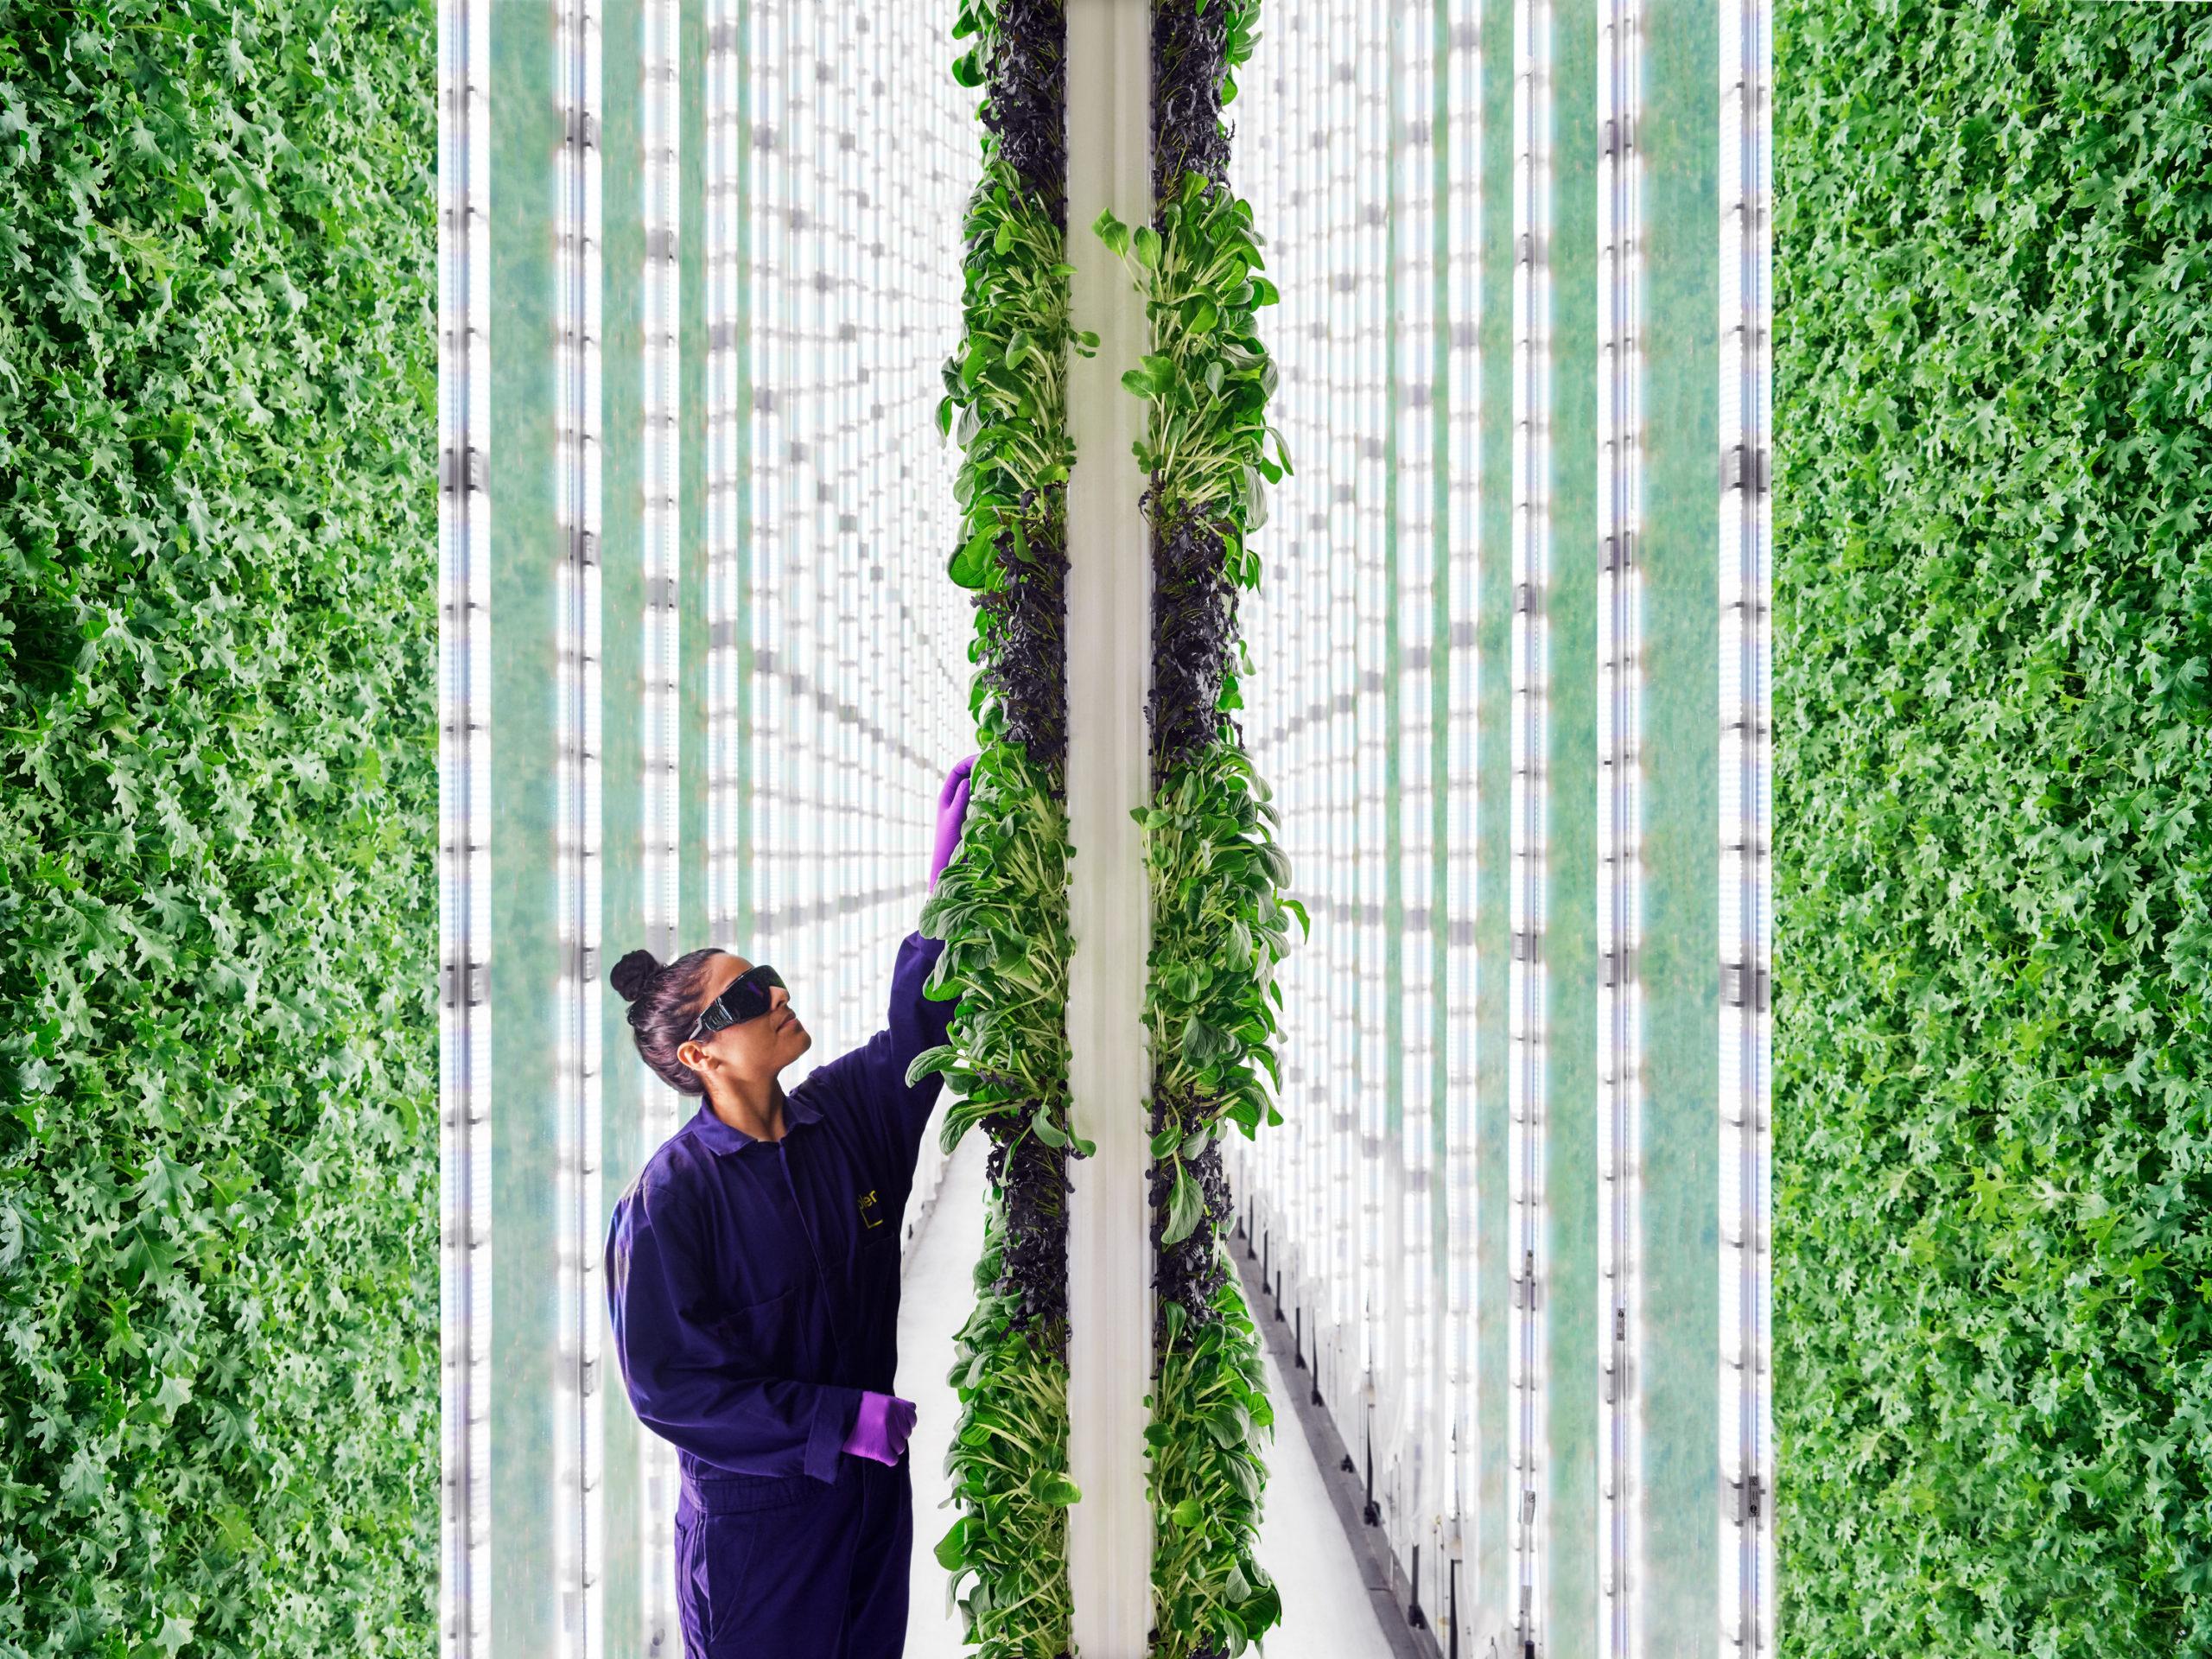 Новая вертикальная ферма управляется ИИ и роботами, а не людьми